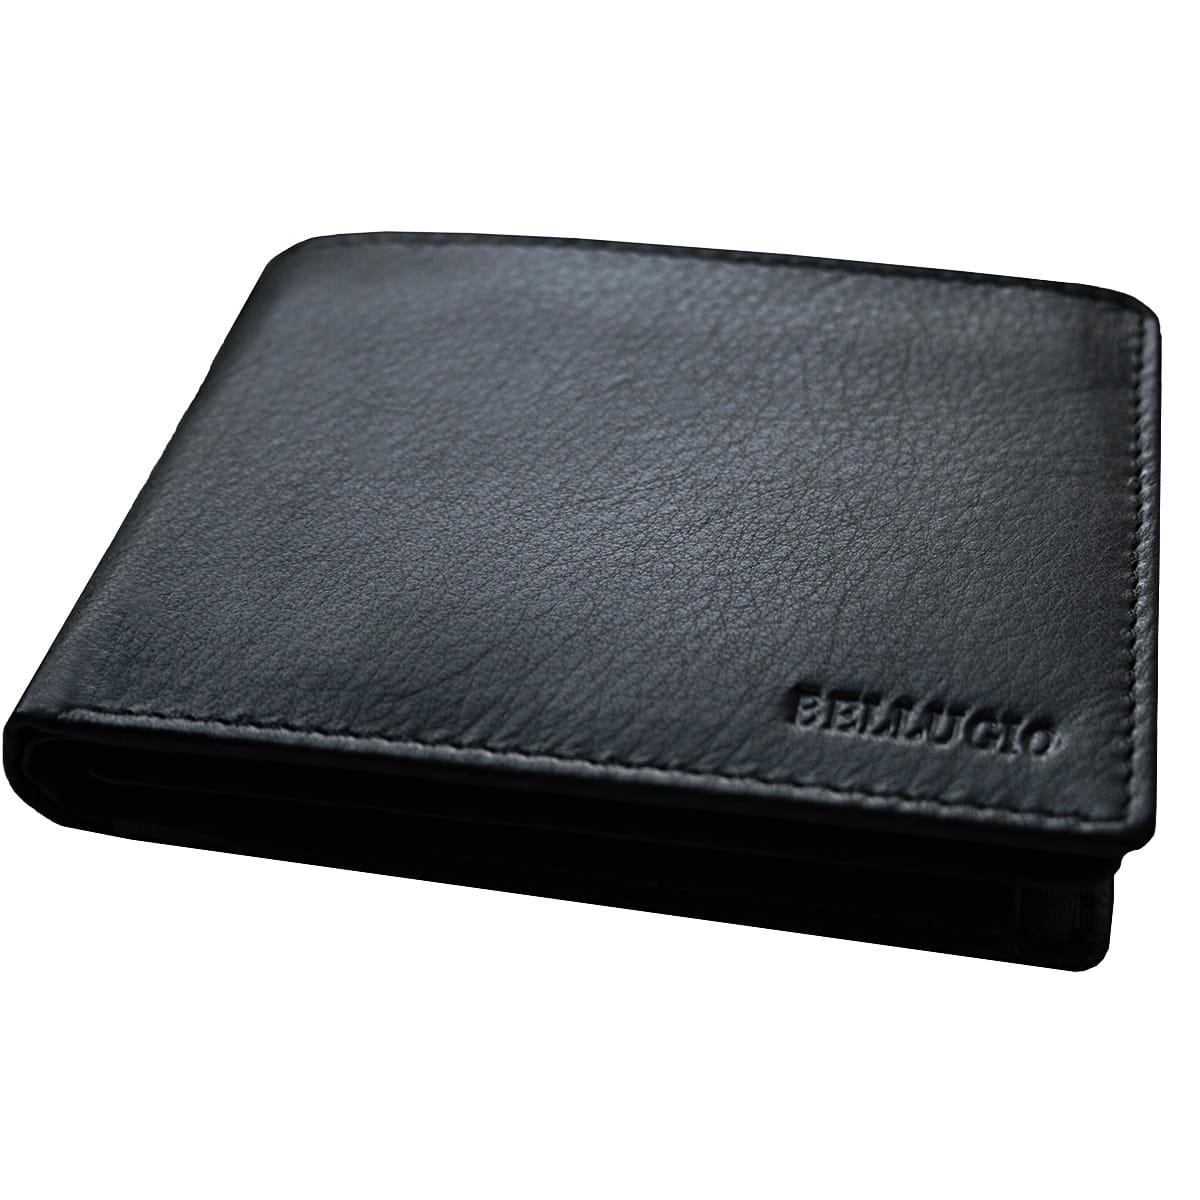 c8acfbe0e816e Zgrabny portfel męskii Bellugio